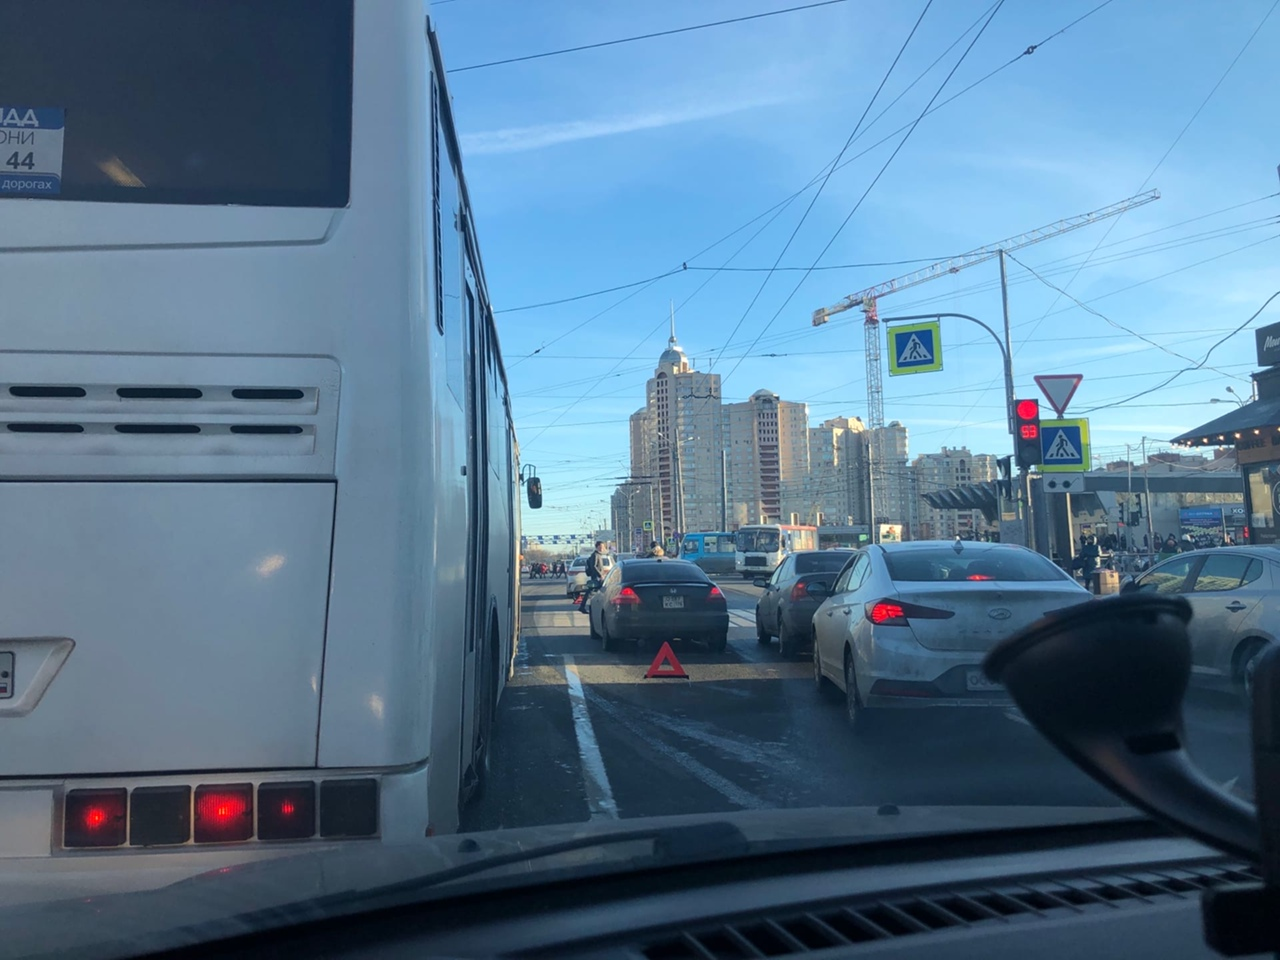 ДТП на перекрёстке Коломяжского и Испытателей. Движение плотное